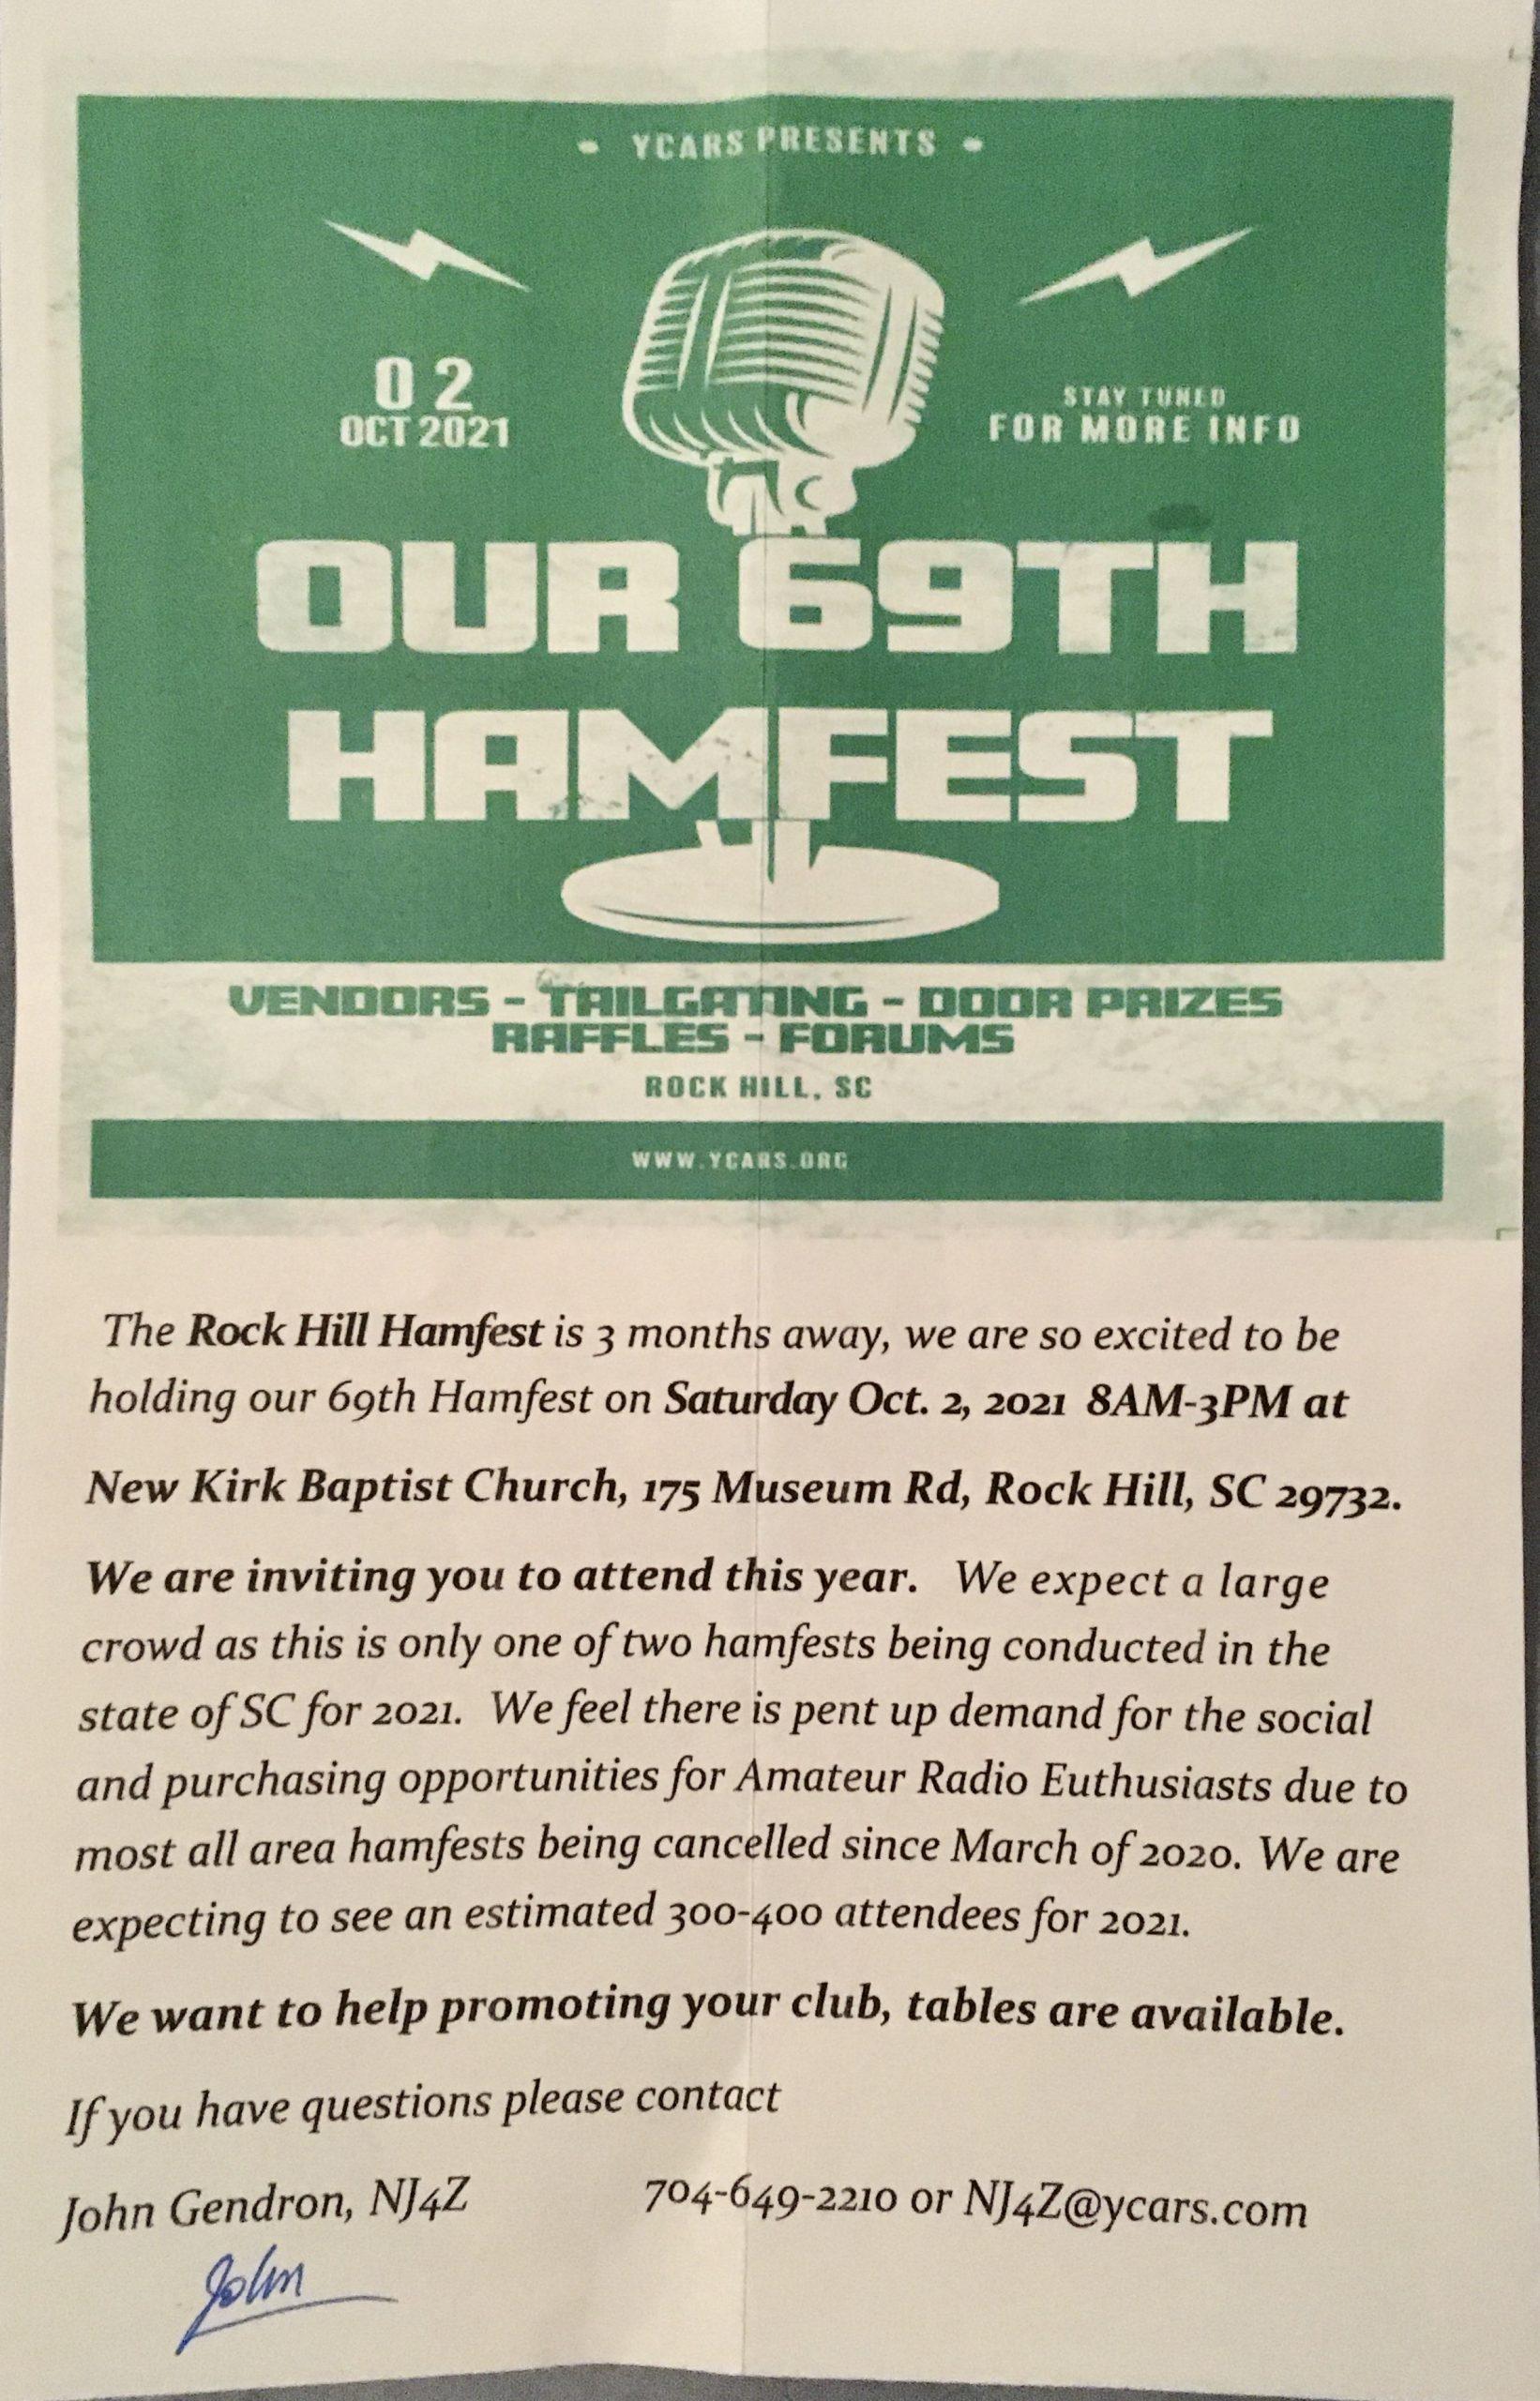 Rock Hill 69th Hamfest @ New Kirk Baptist Church